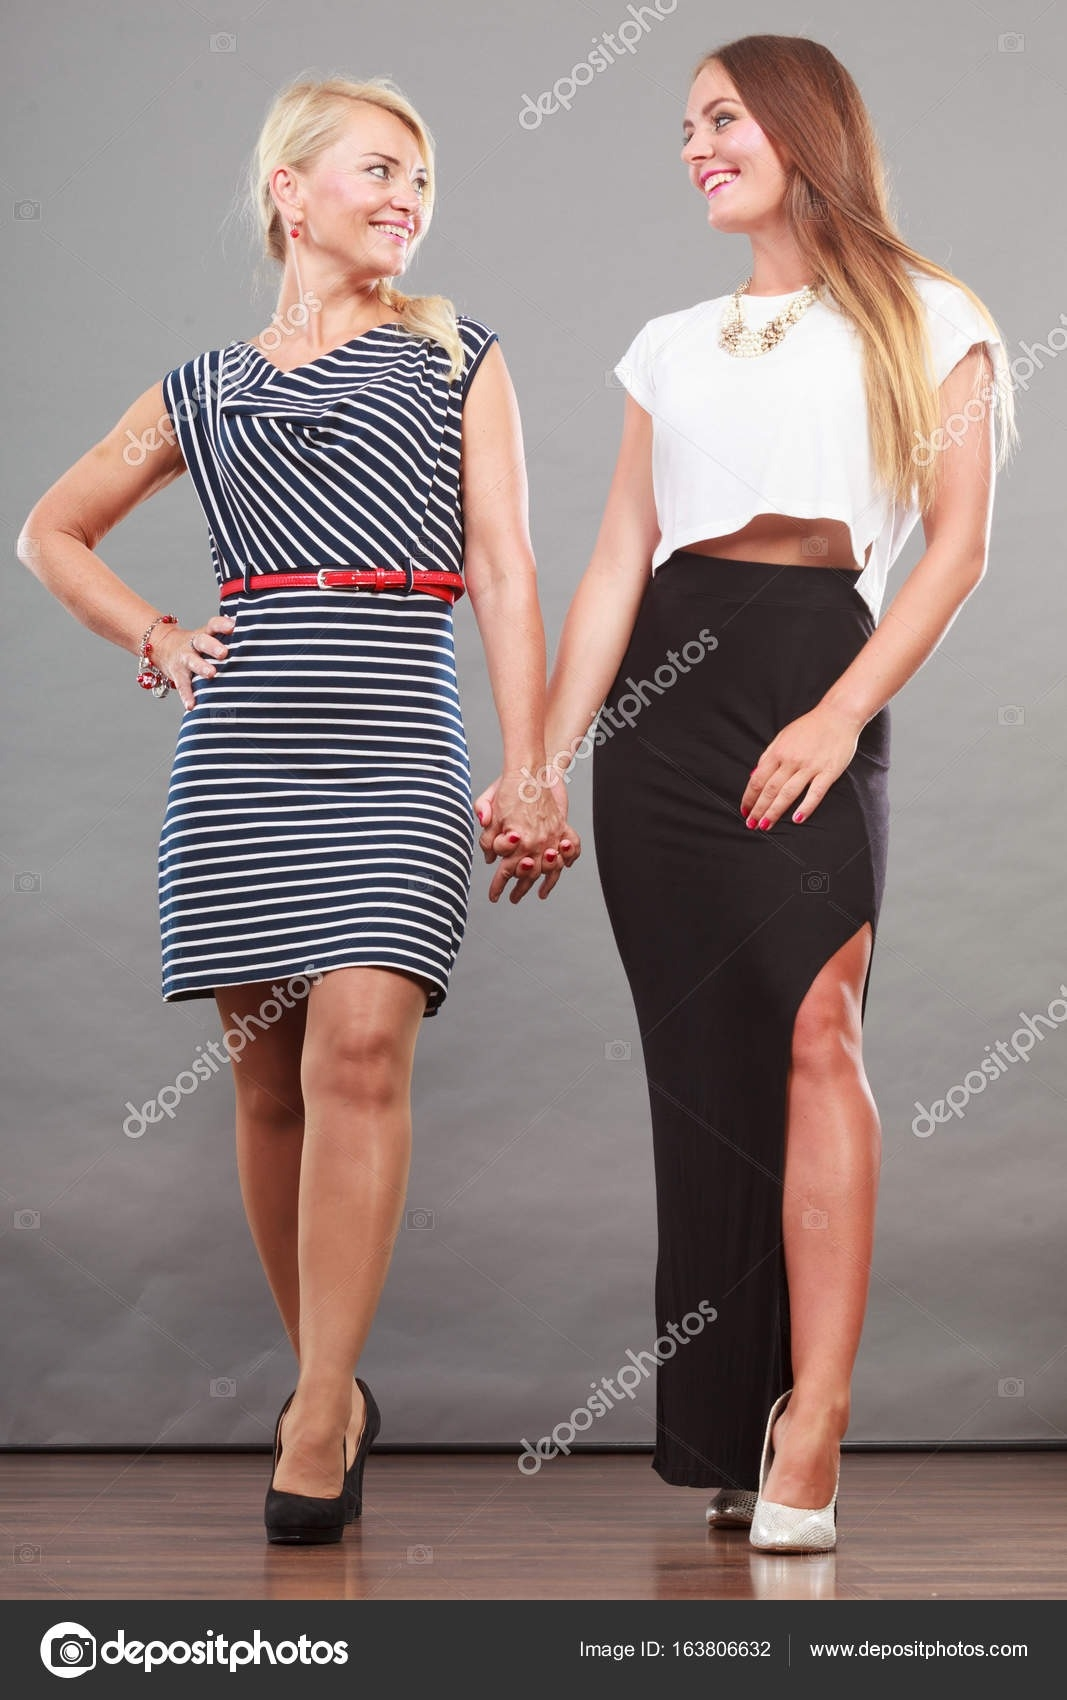 13 Wunderbar Modische Kleider Design20 Einfach Modische Kleider Boutique